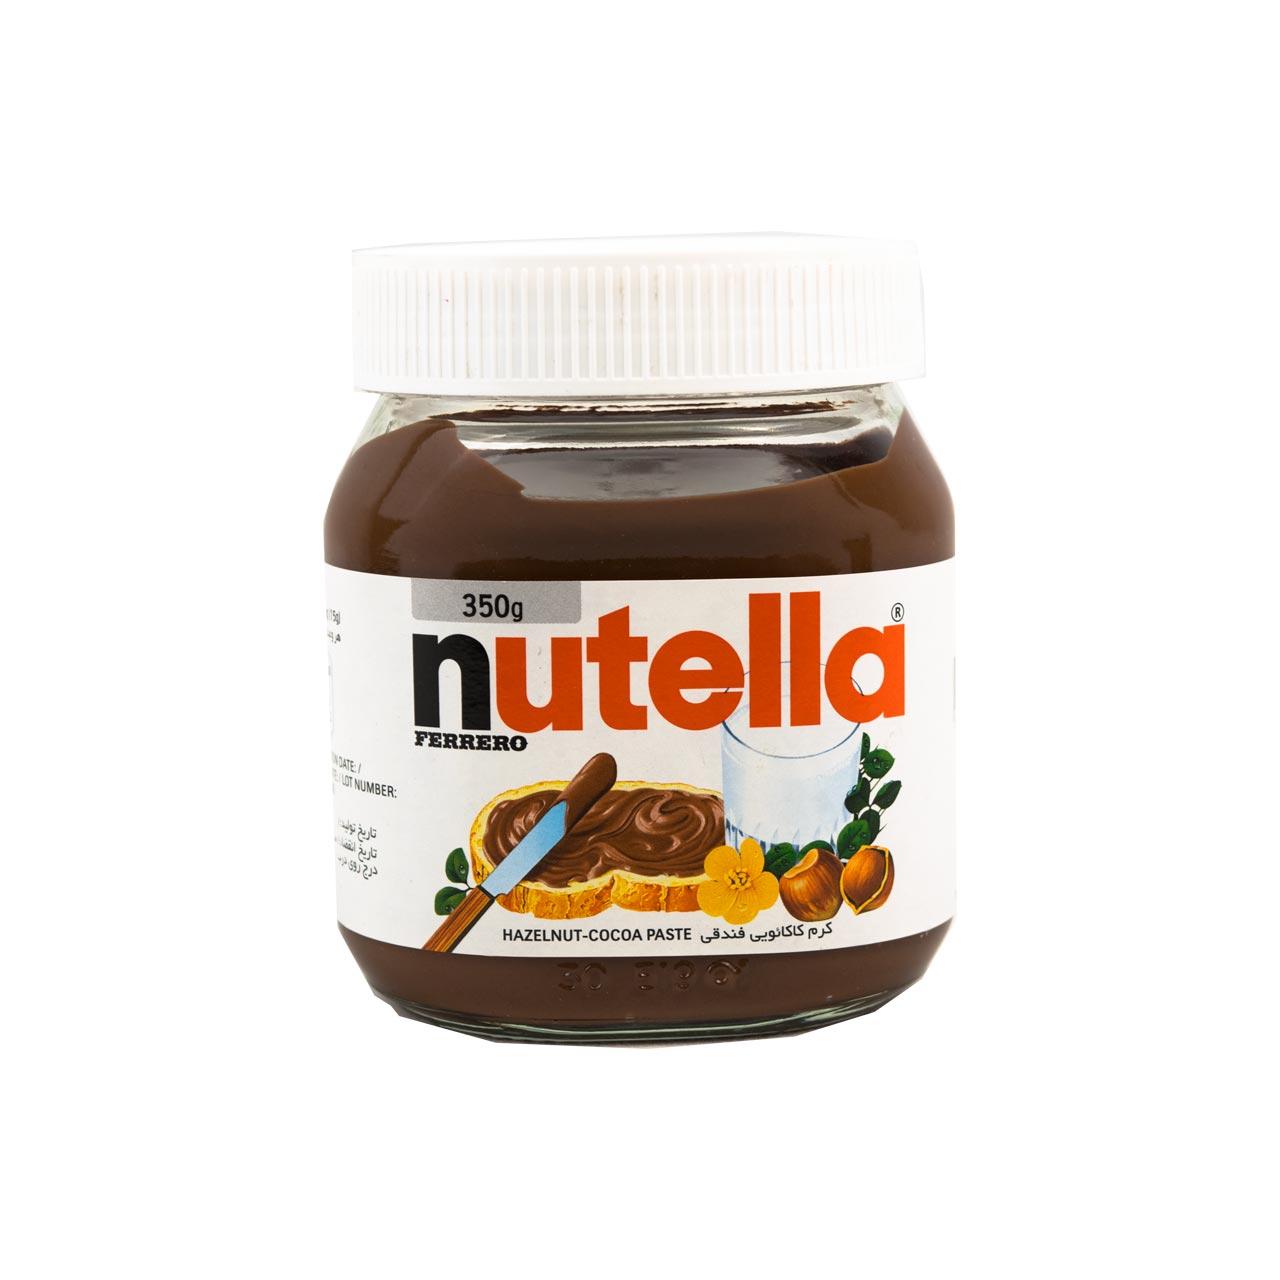 شکلات صبحانه نوتلا ۳۵۰ گرم لهستانی – nutella